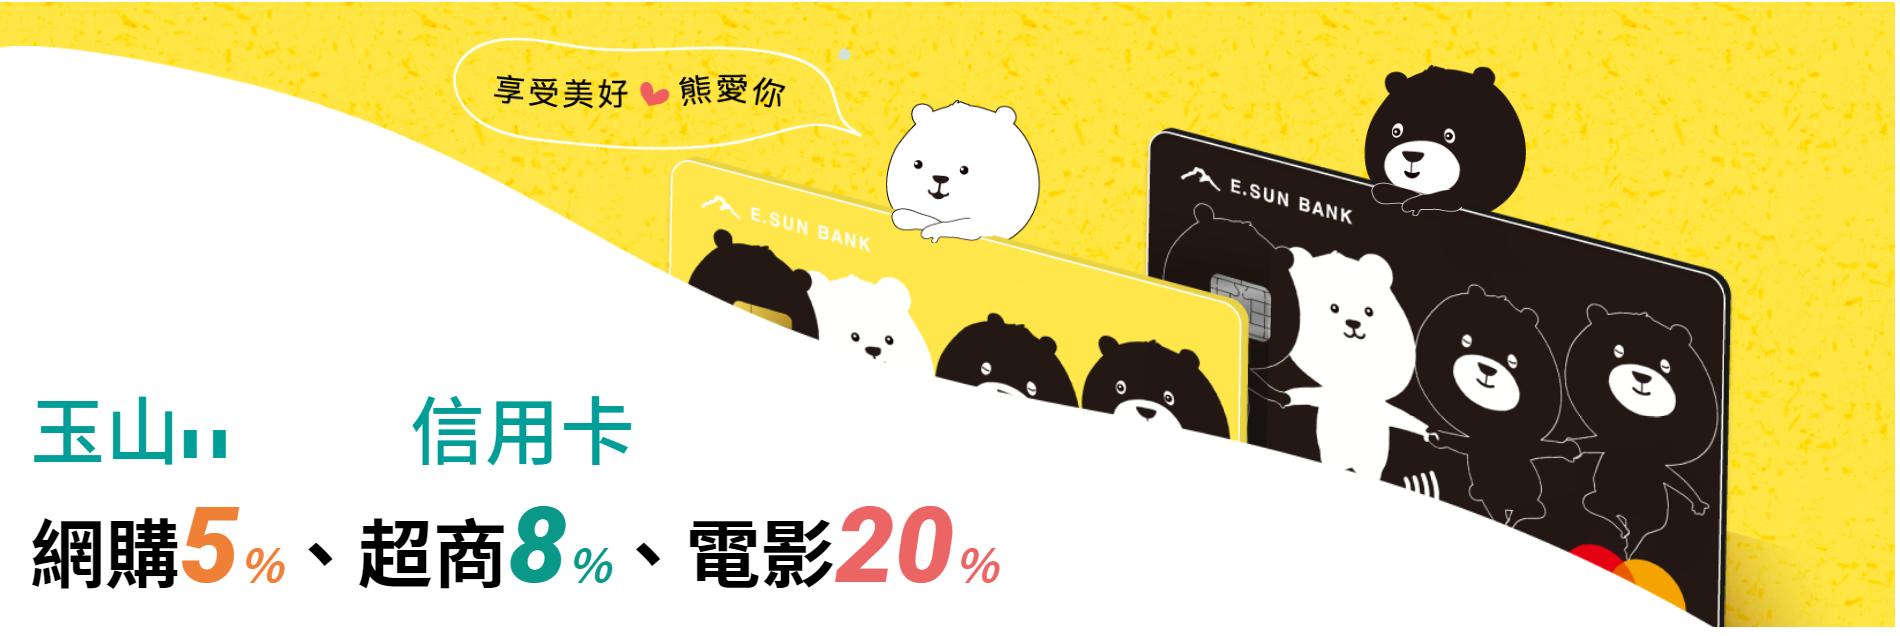 信用卡| 玉山UBear信用卡- 2019年網購 + 超商現金回饋神卡、網購 5% 現金回饋、超商 8% 現金回饋